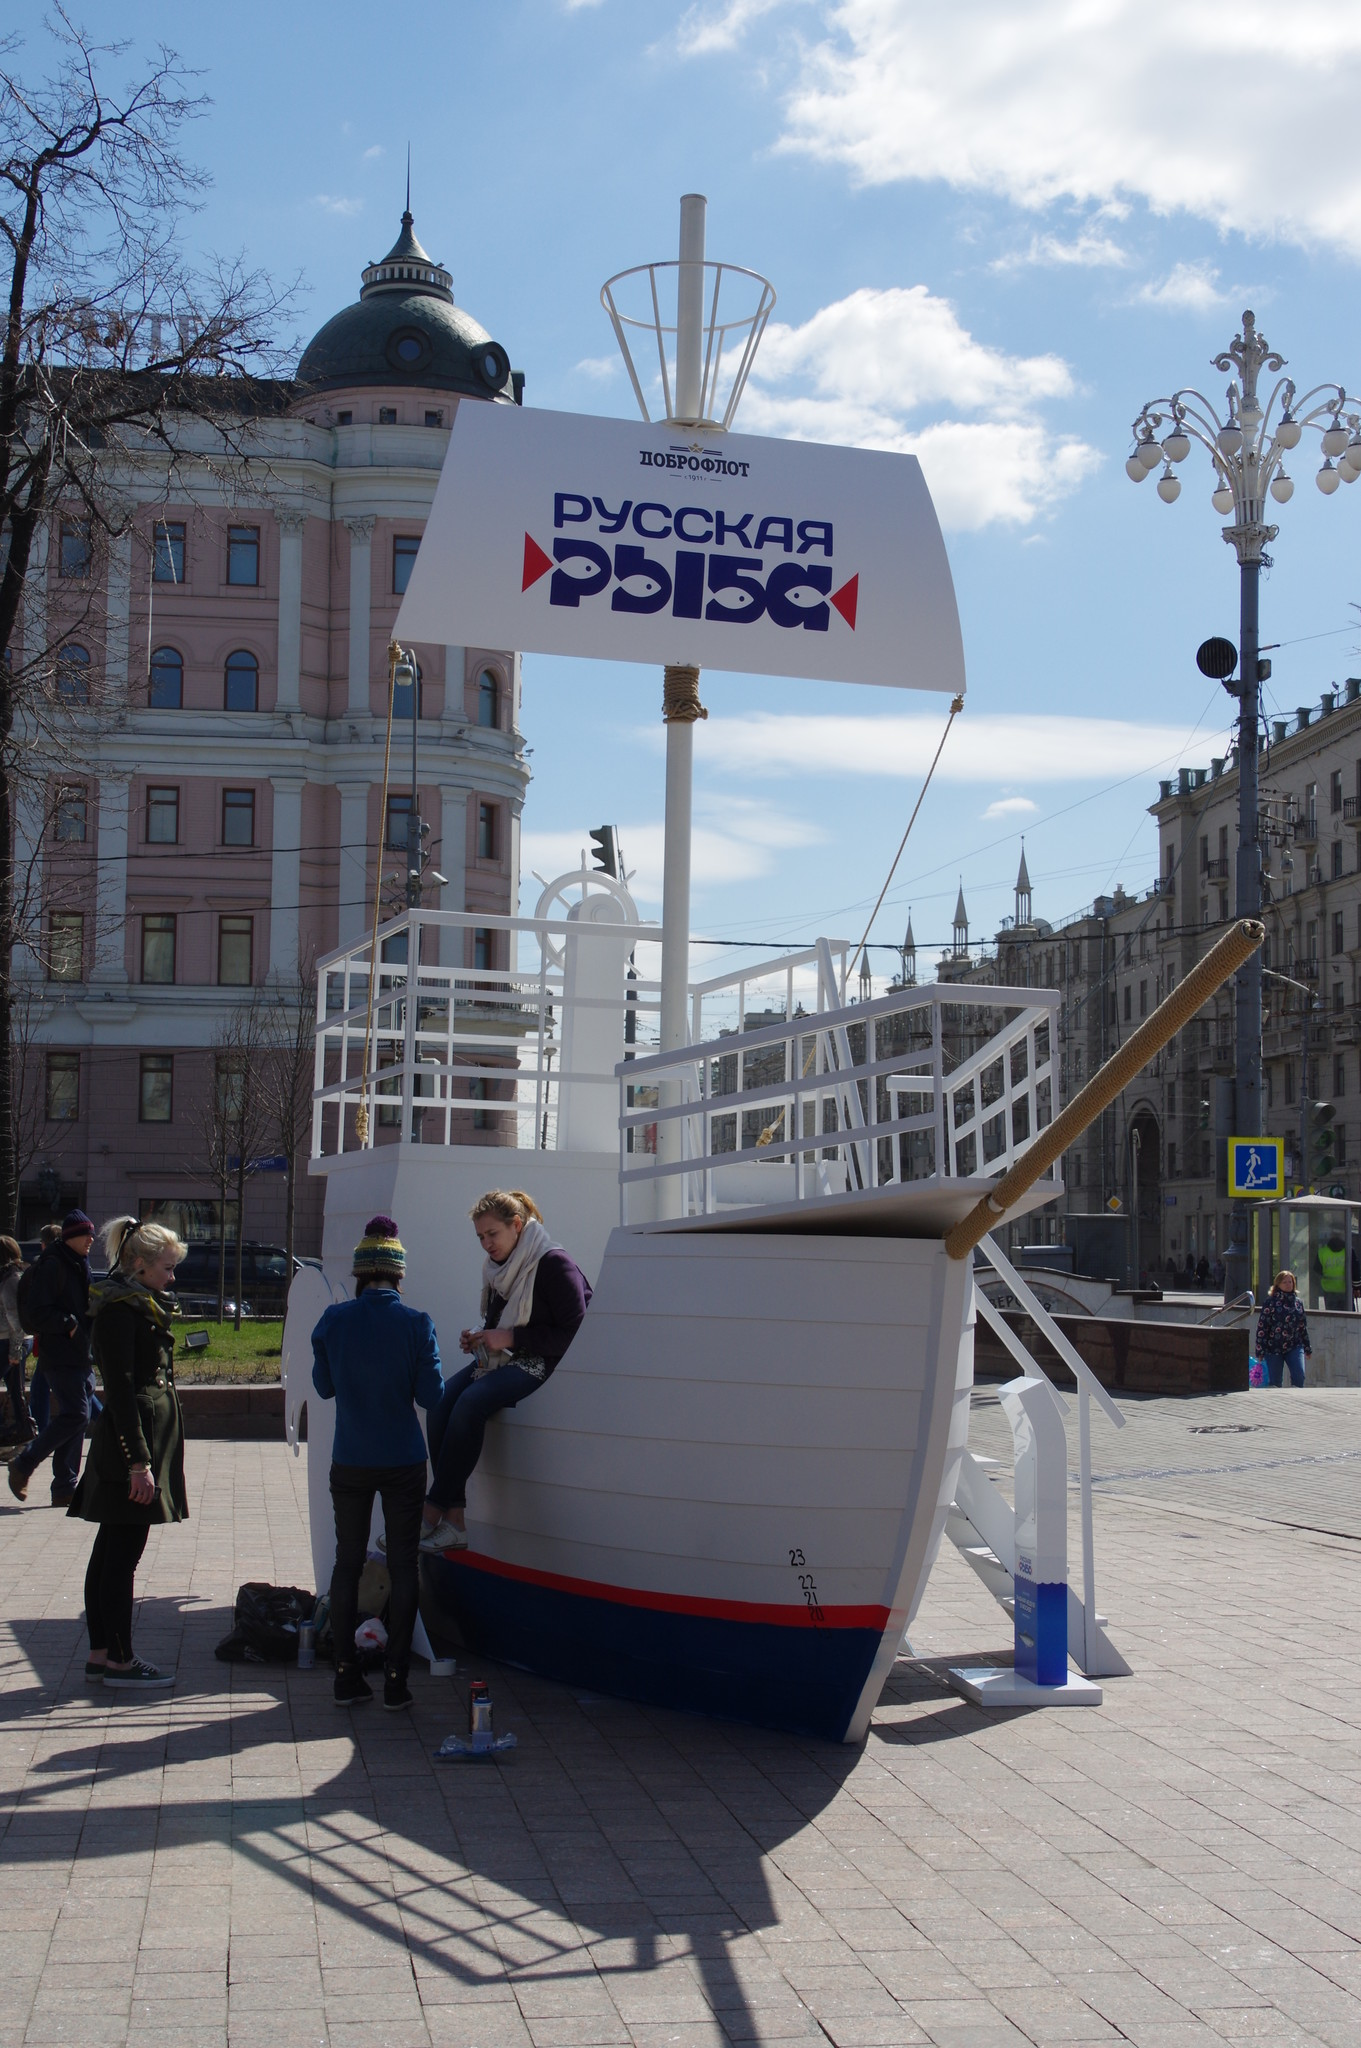 Фестиваль «Рыбная неделя» на Пушкинской площади